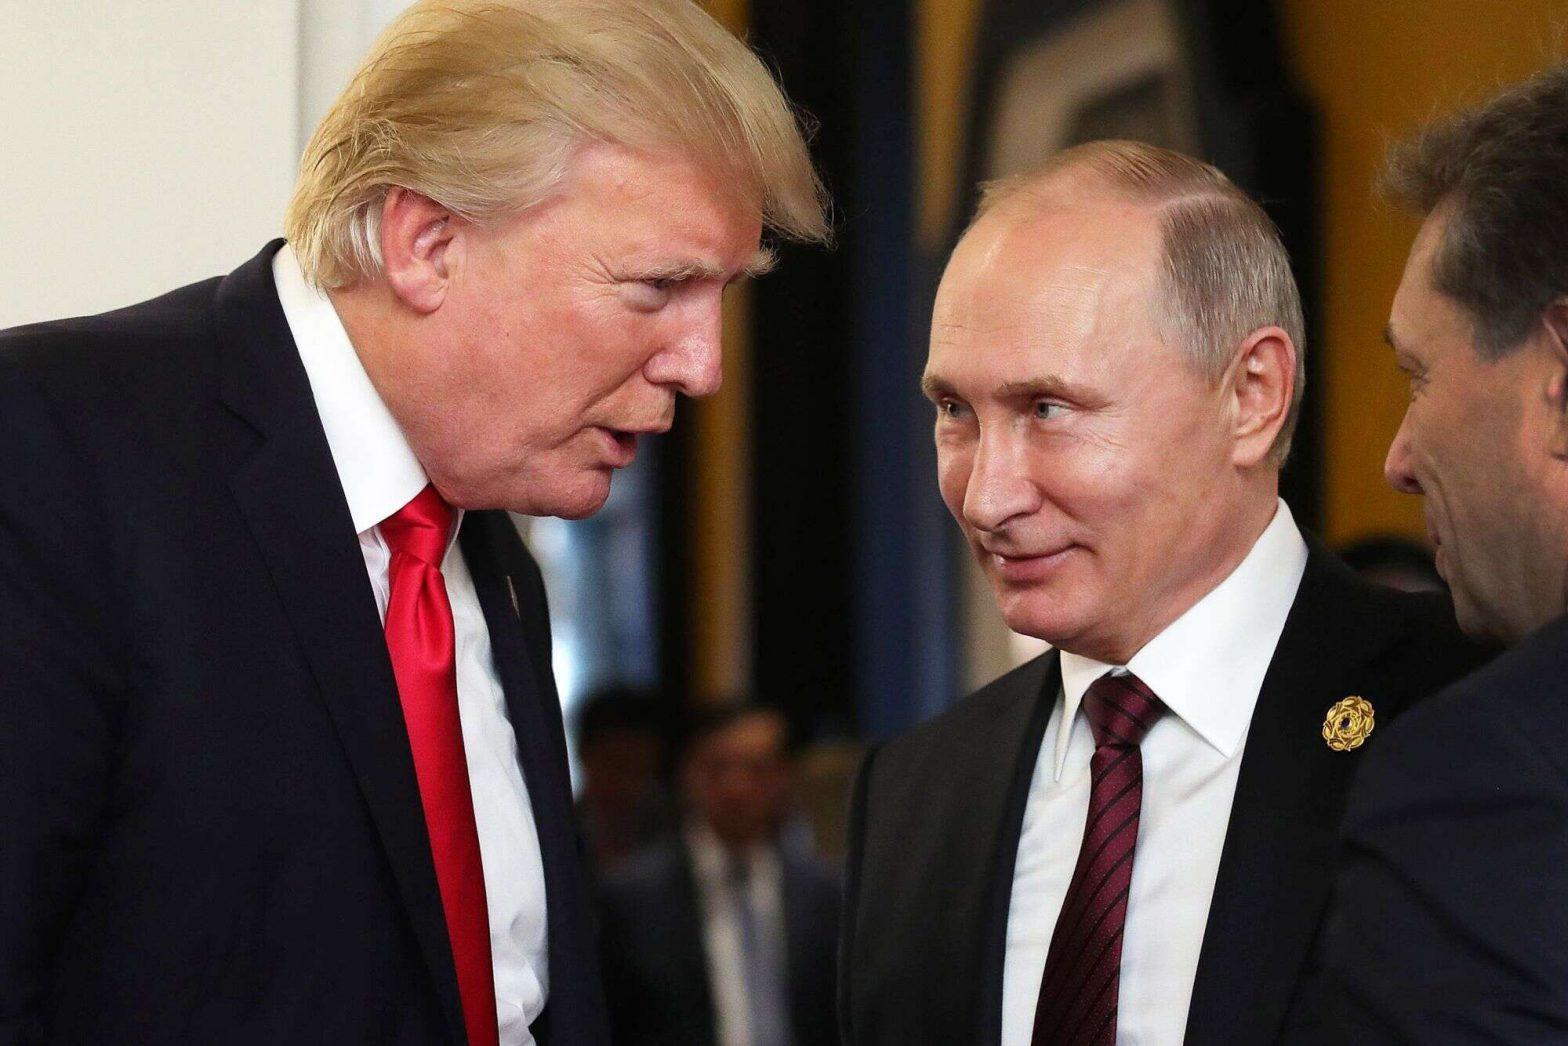 ہمارے انتخابات میں دخل نہ دیجیے گا،ٹرمپ کا پوٹن کے ساتھ مذاق